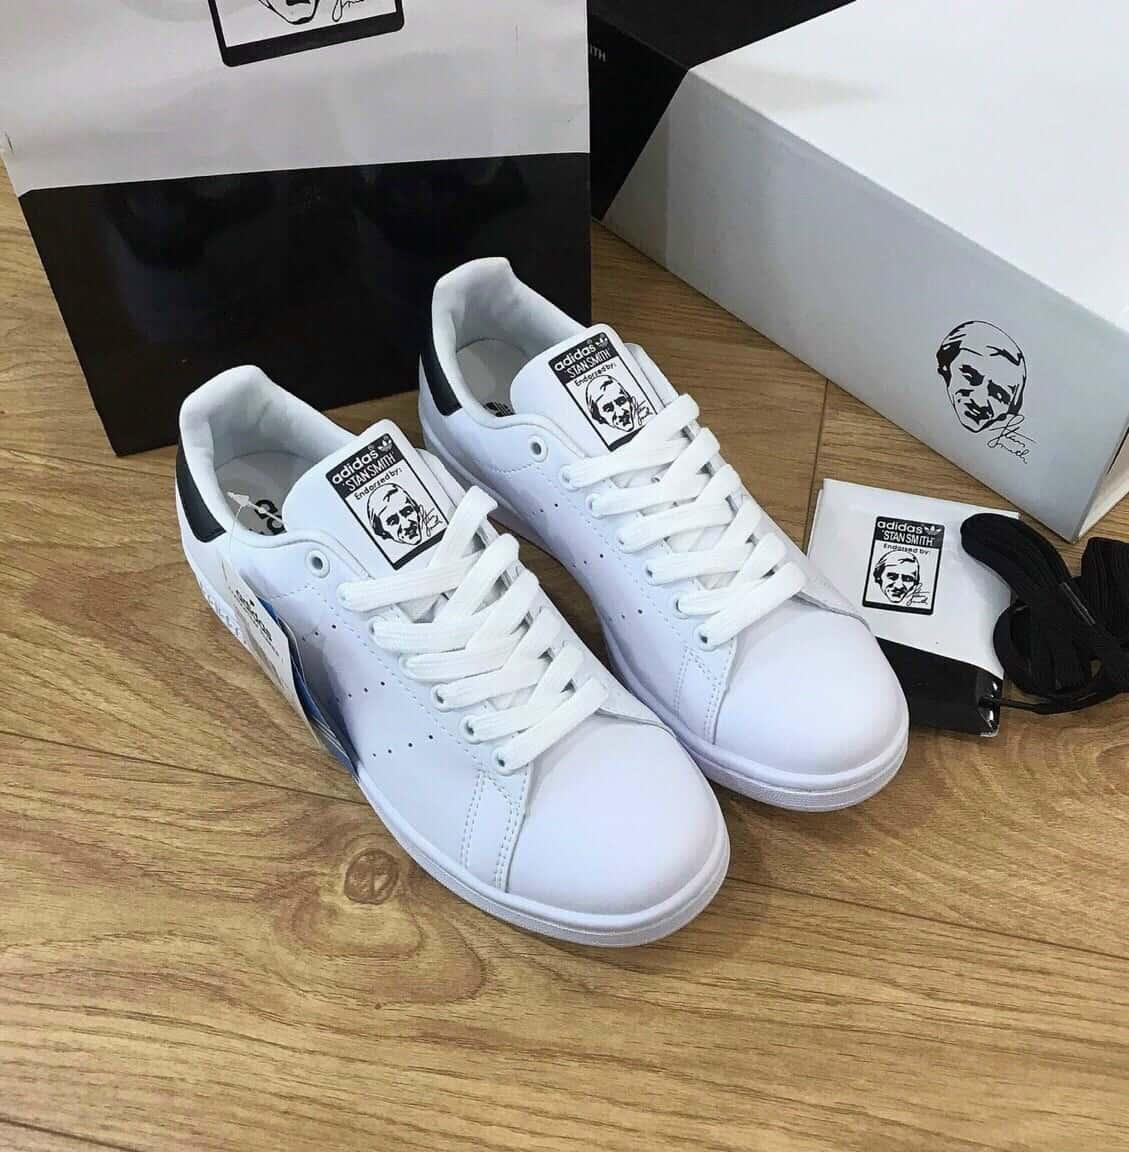 Phong cách thể thao trẻ trung với giày Adidas trắng